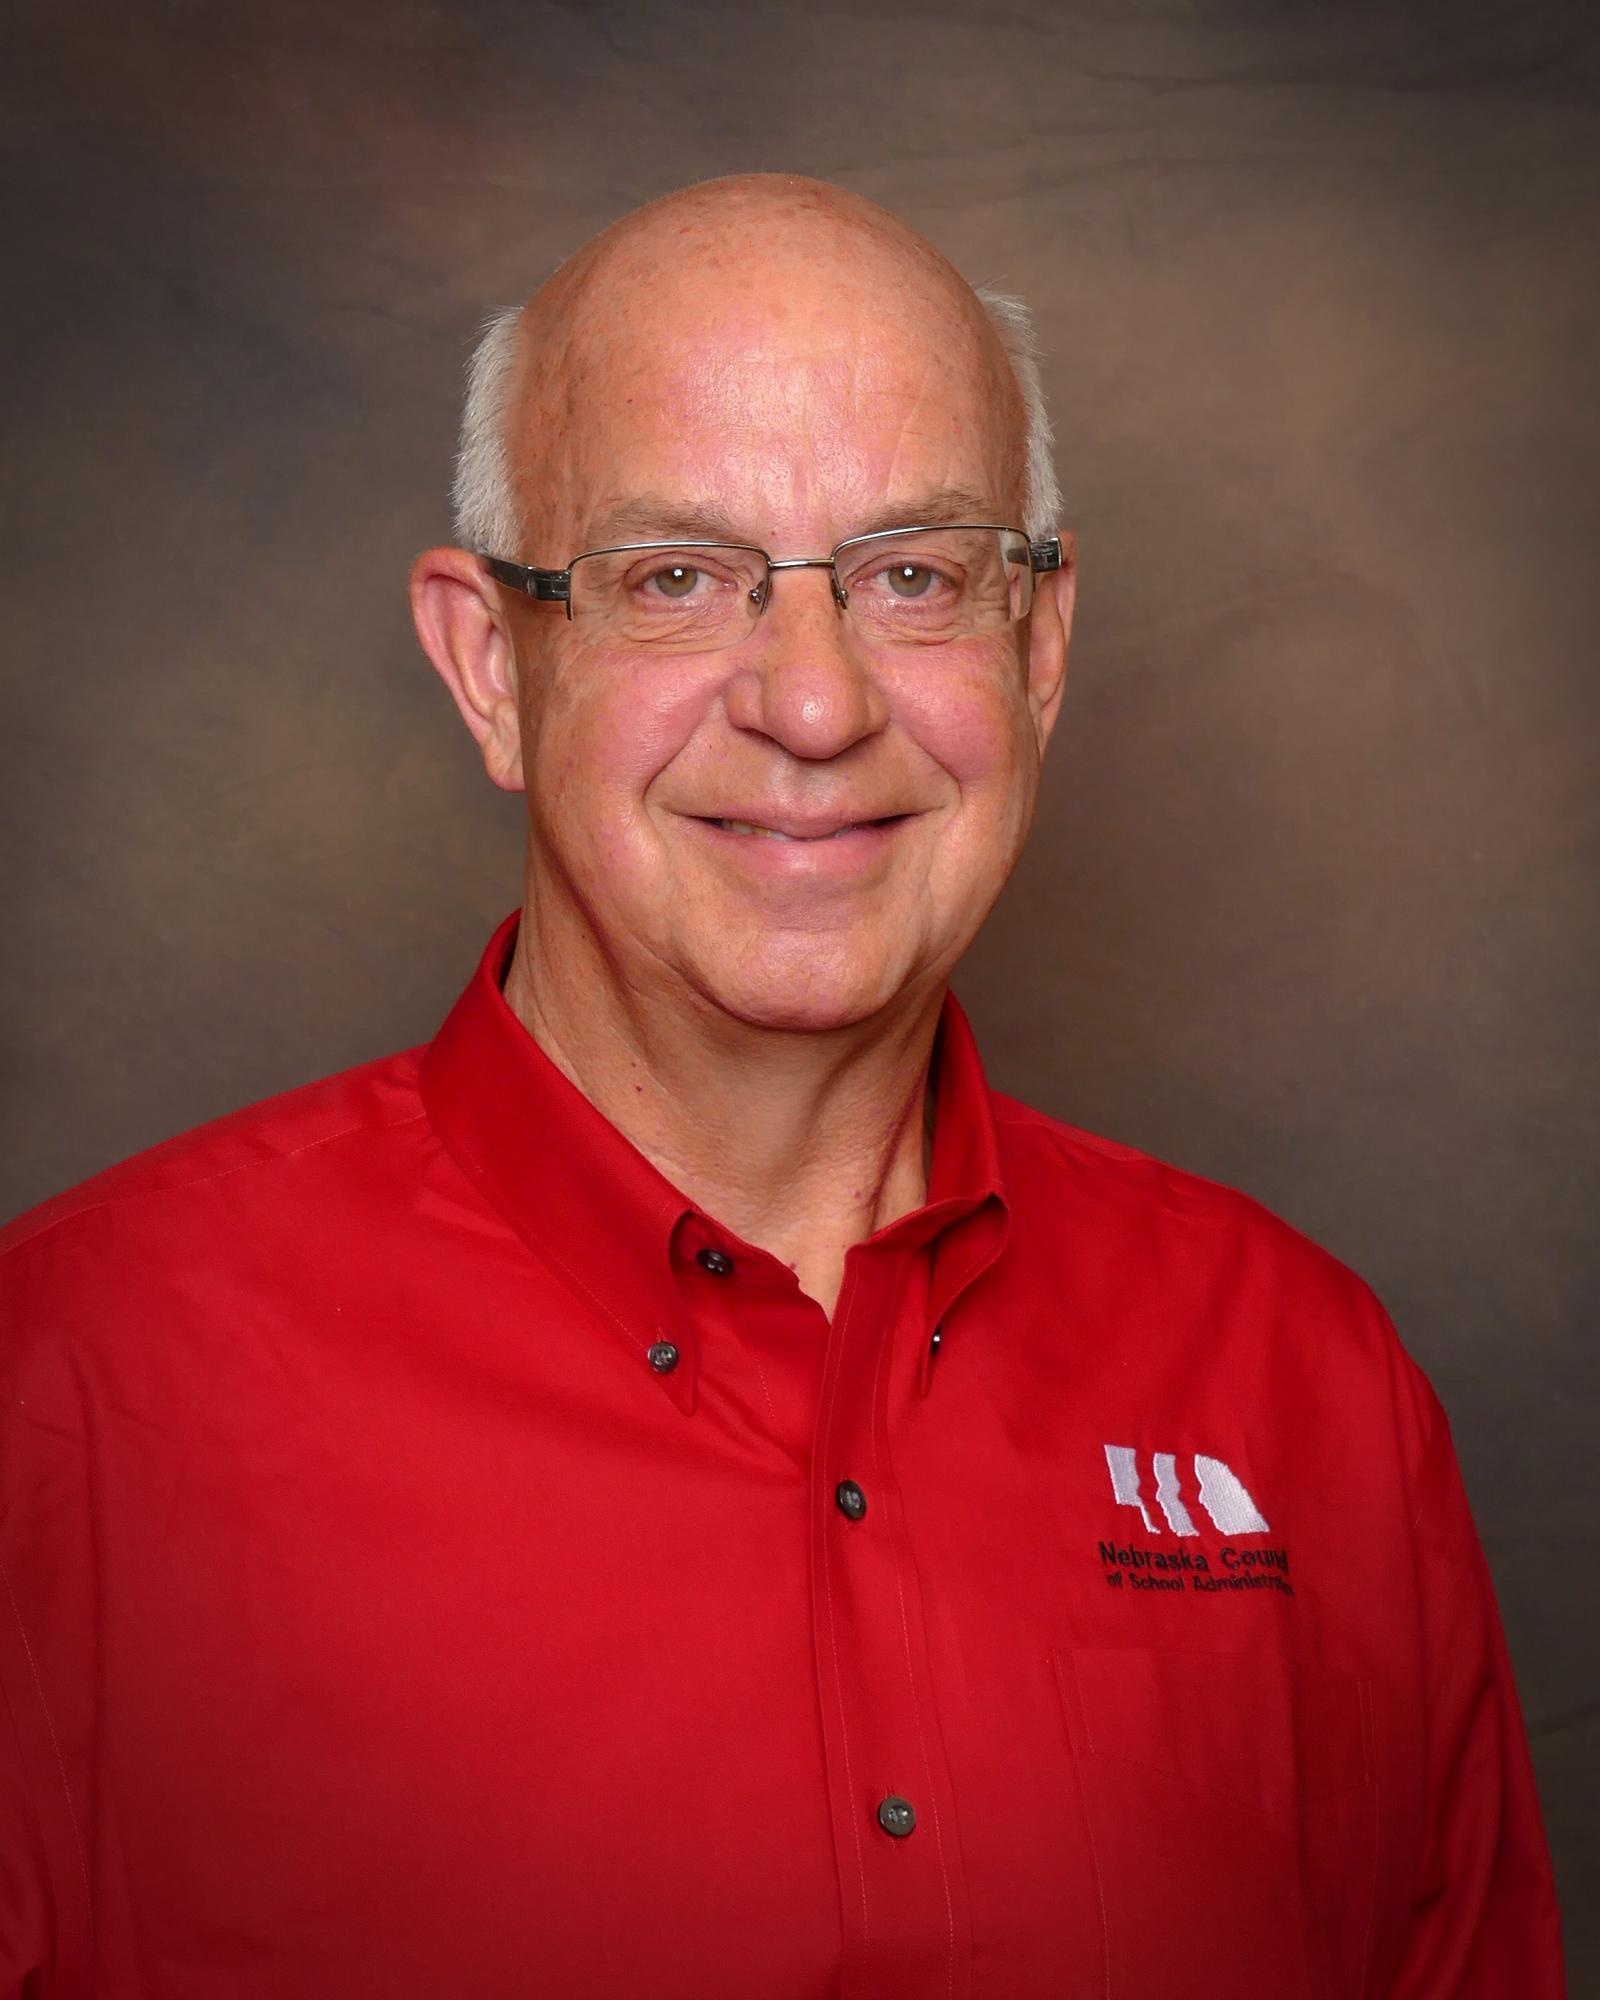 Meet Ambassador Keith: Q & A with Nebraska Loves Public Schools